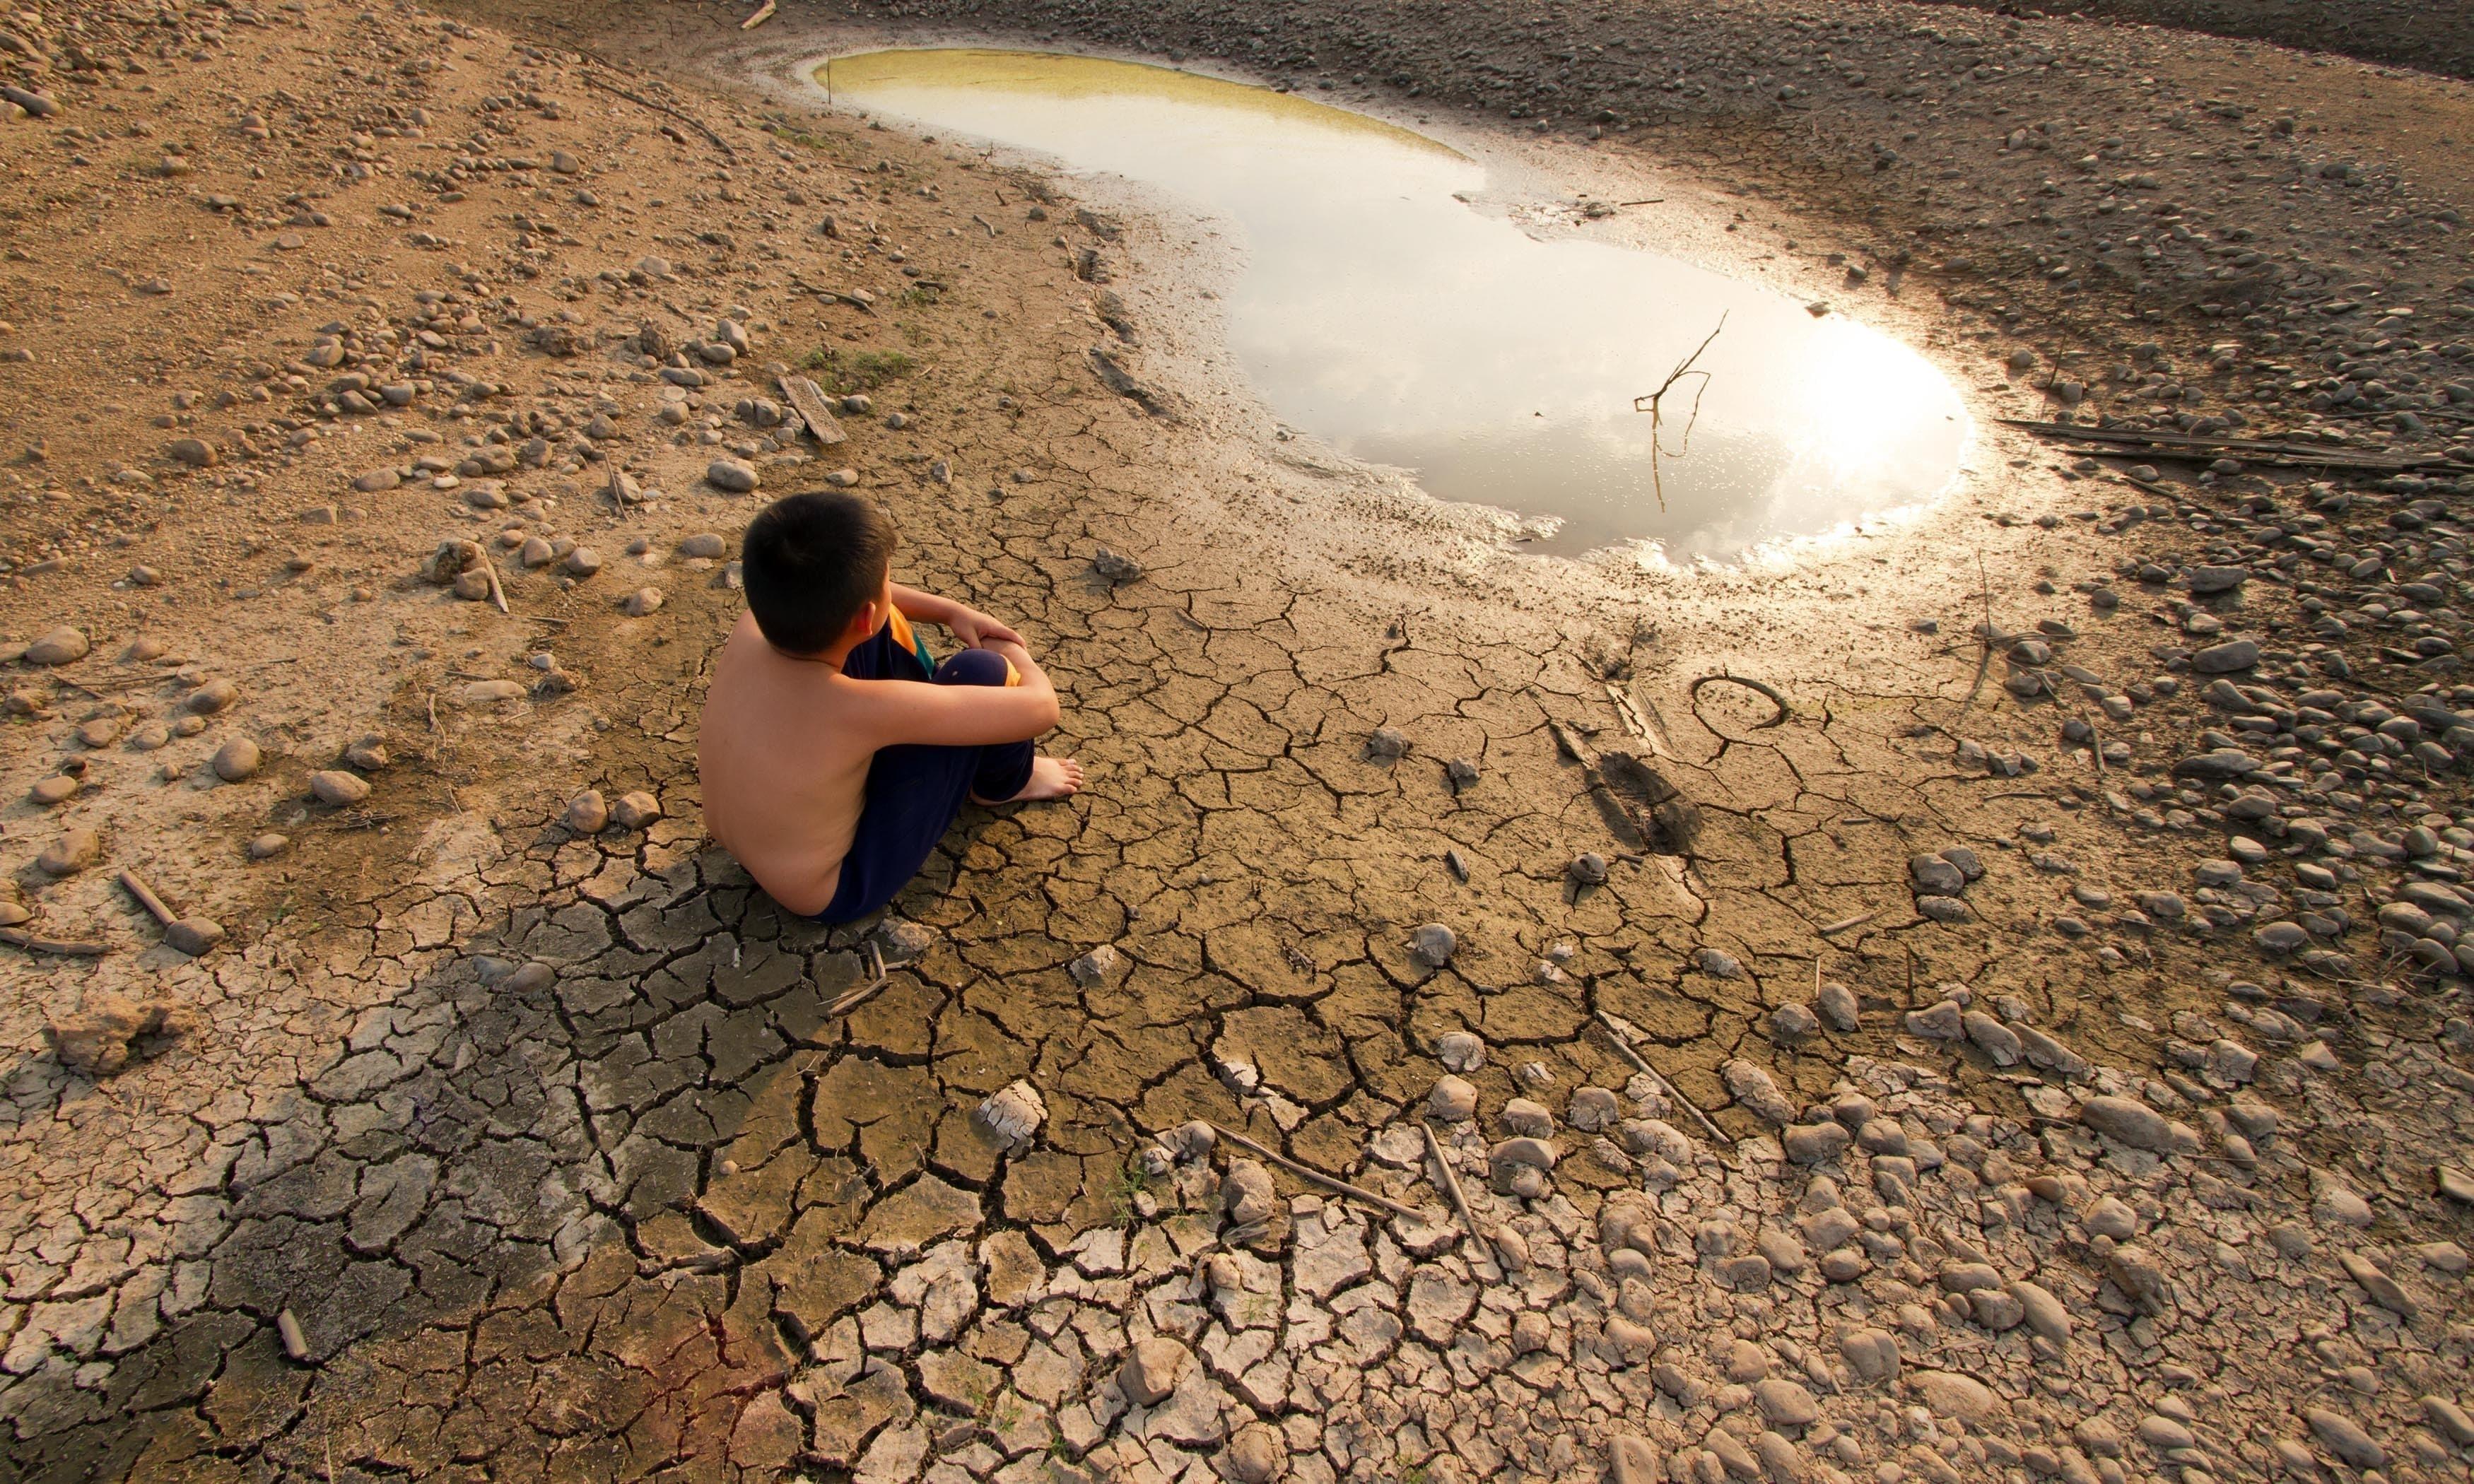 فروری، 6 دہائیوں کا تیسرا خشک ترین مہینہ قرار